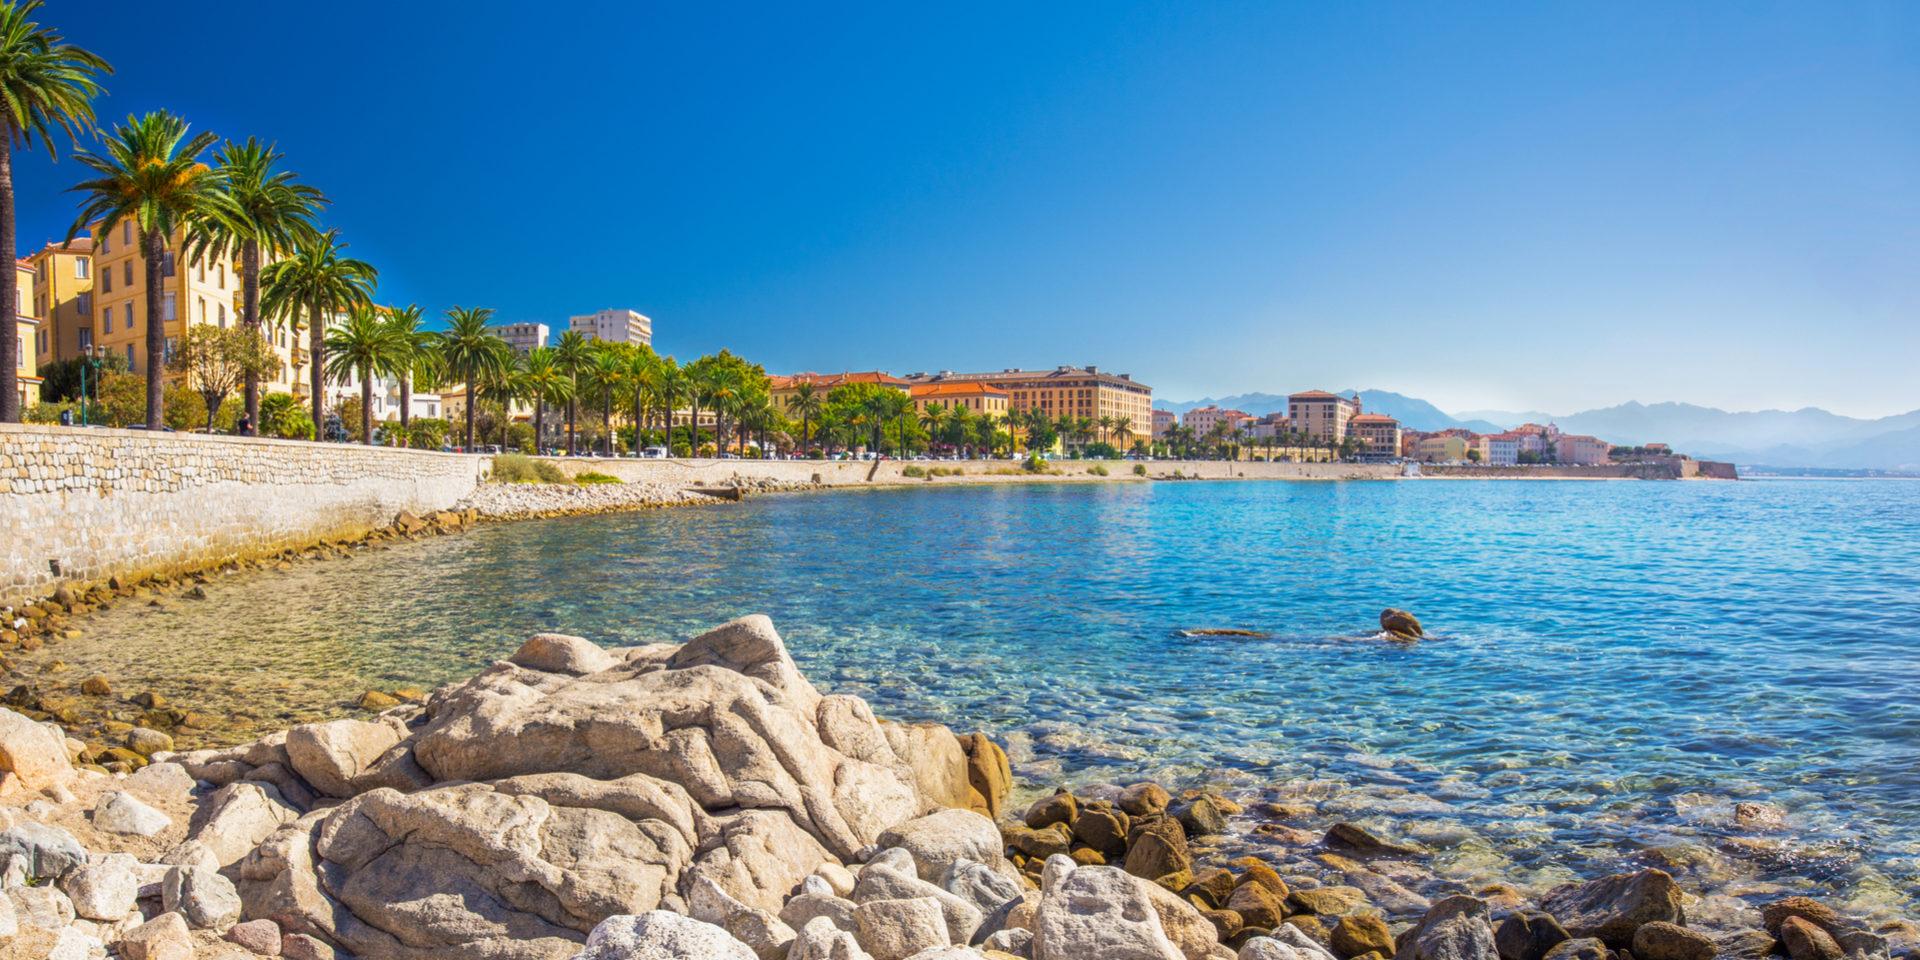 Ajaccio Corsica Frankrijk hoofdstad baai kust zee keien wandelpromenade palmbomen 1920 x 1080